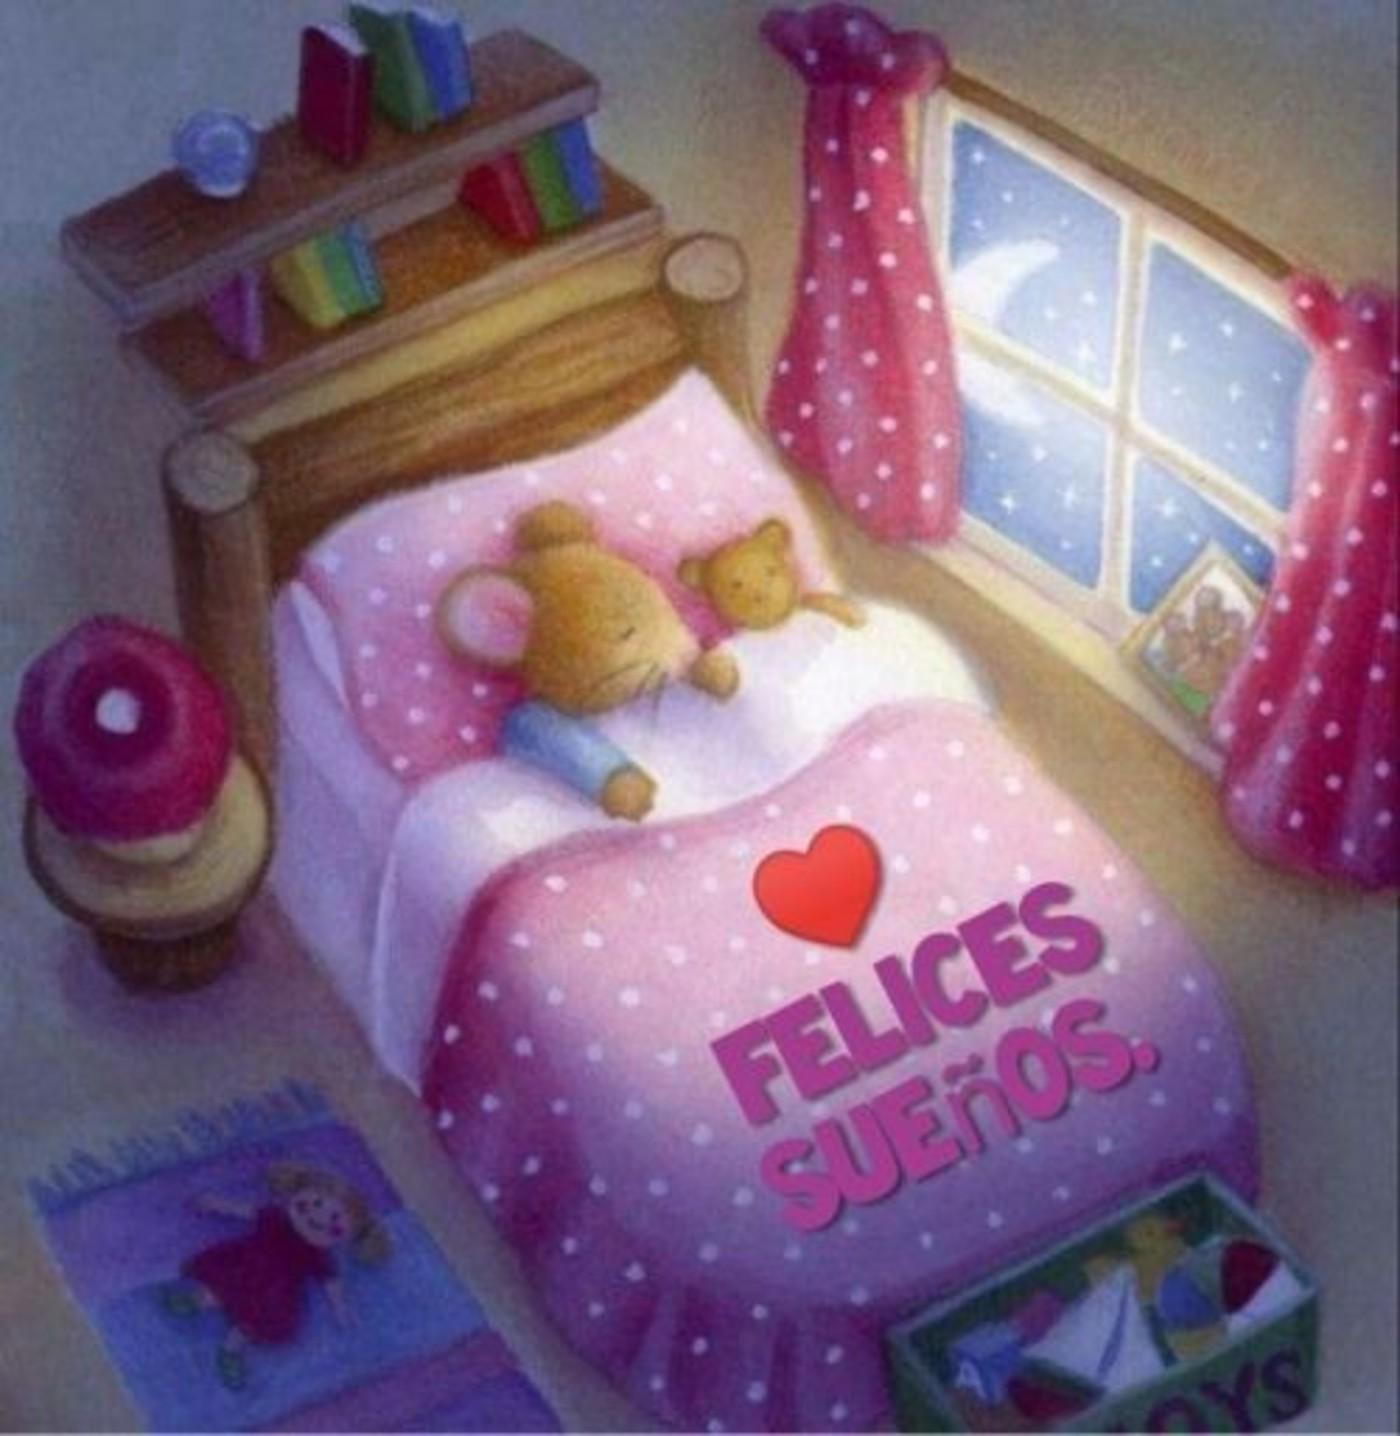 Felices sueños